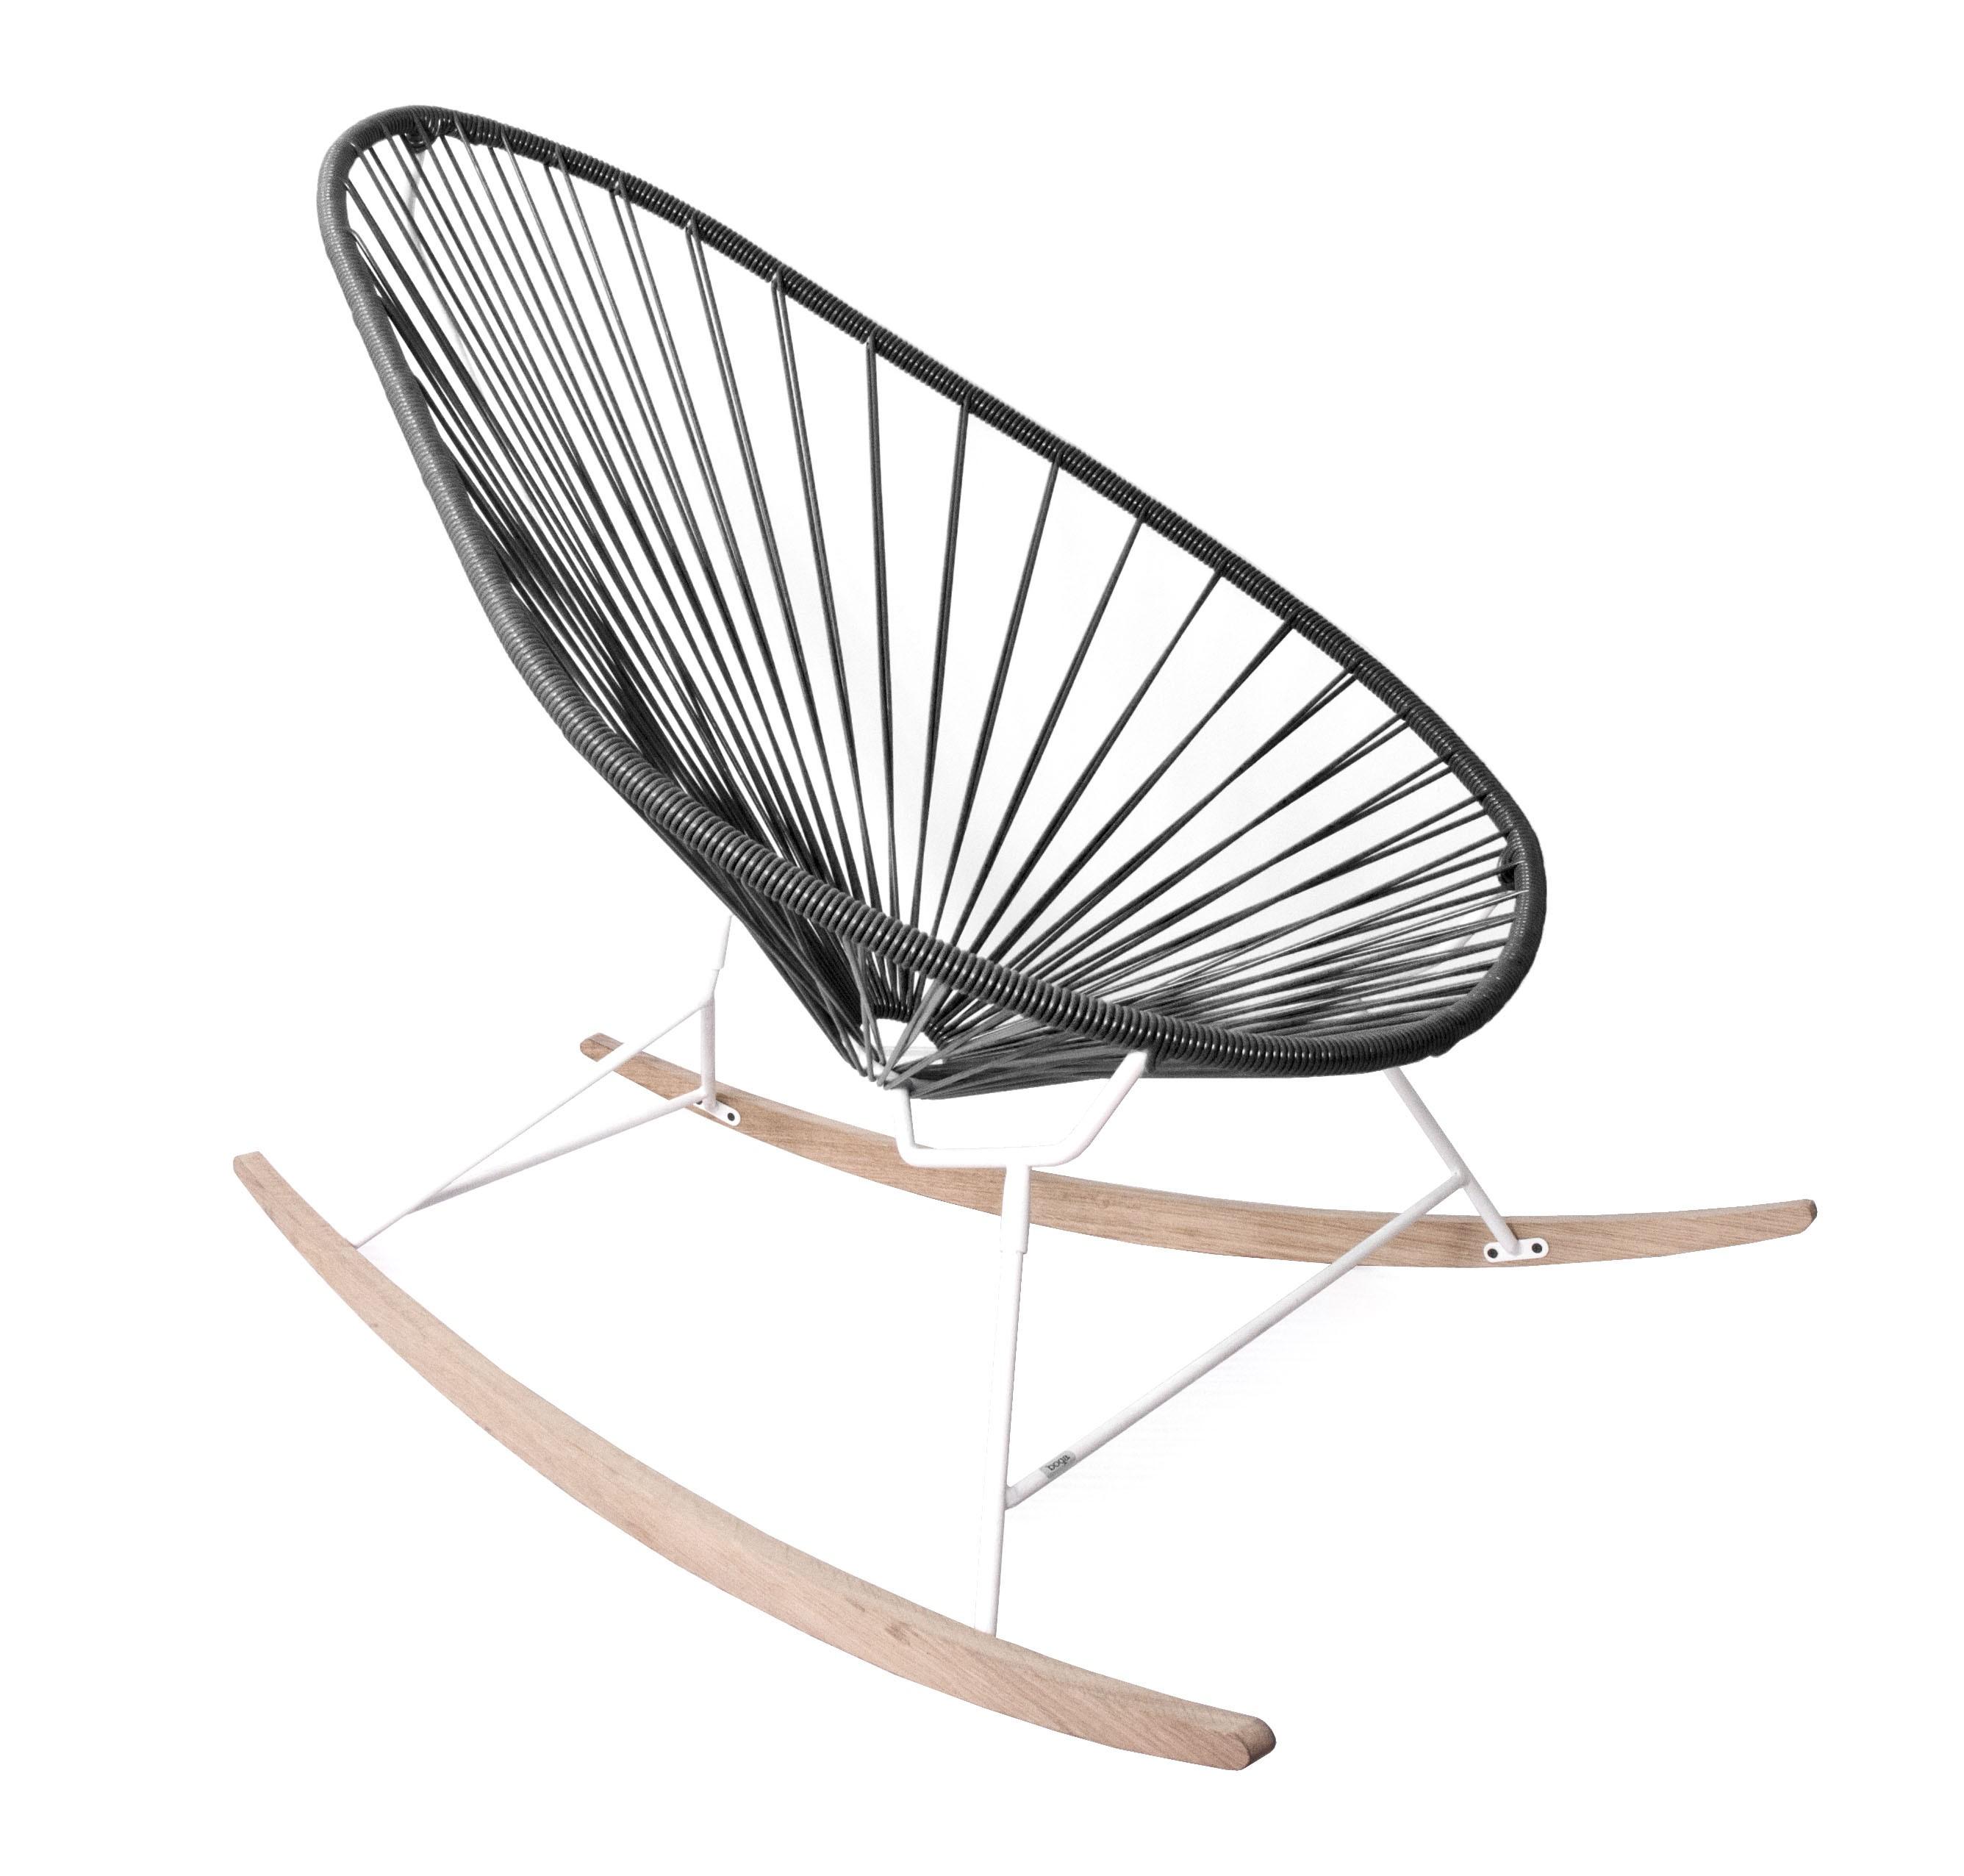 fauteuil bascule acapulco de boqa avec ski bois structure blanche noir d 39 aniline. Black Bedroom Furniture Sets. Home Design Ideas